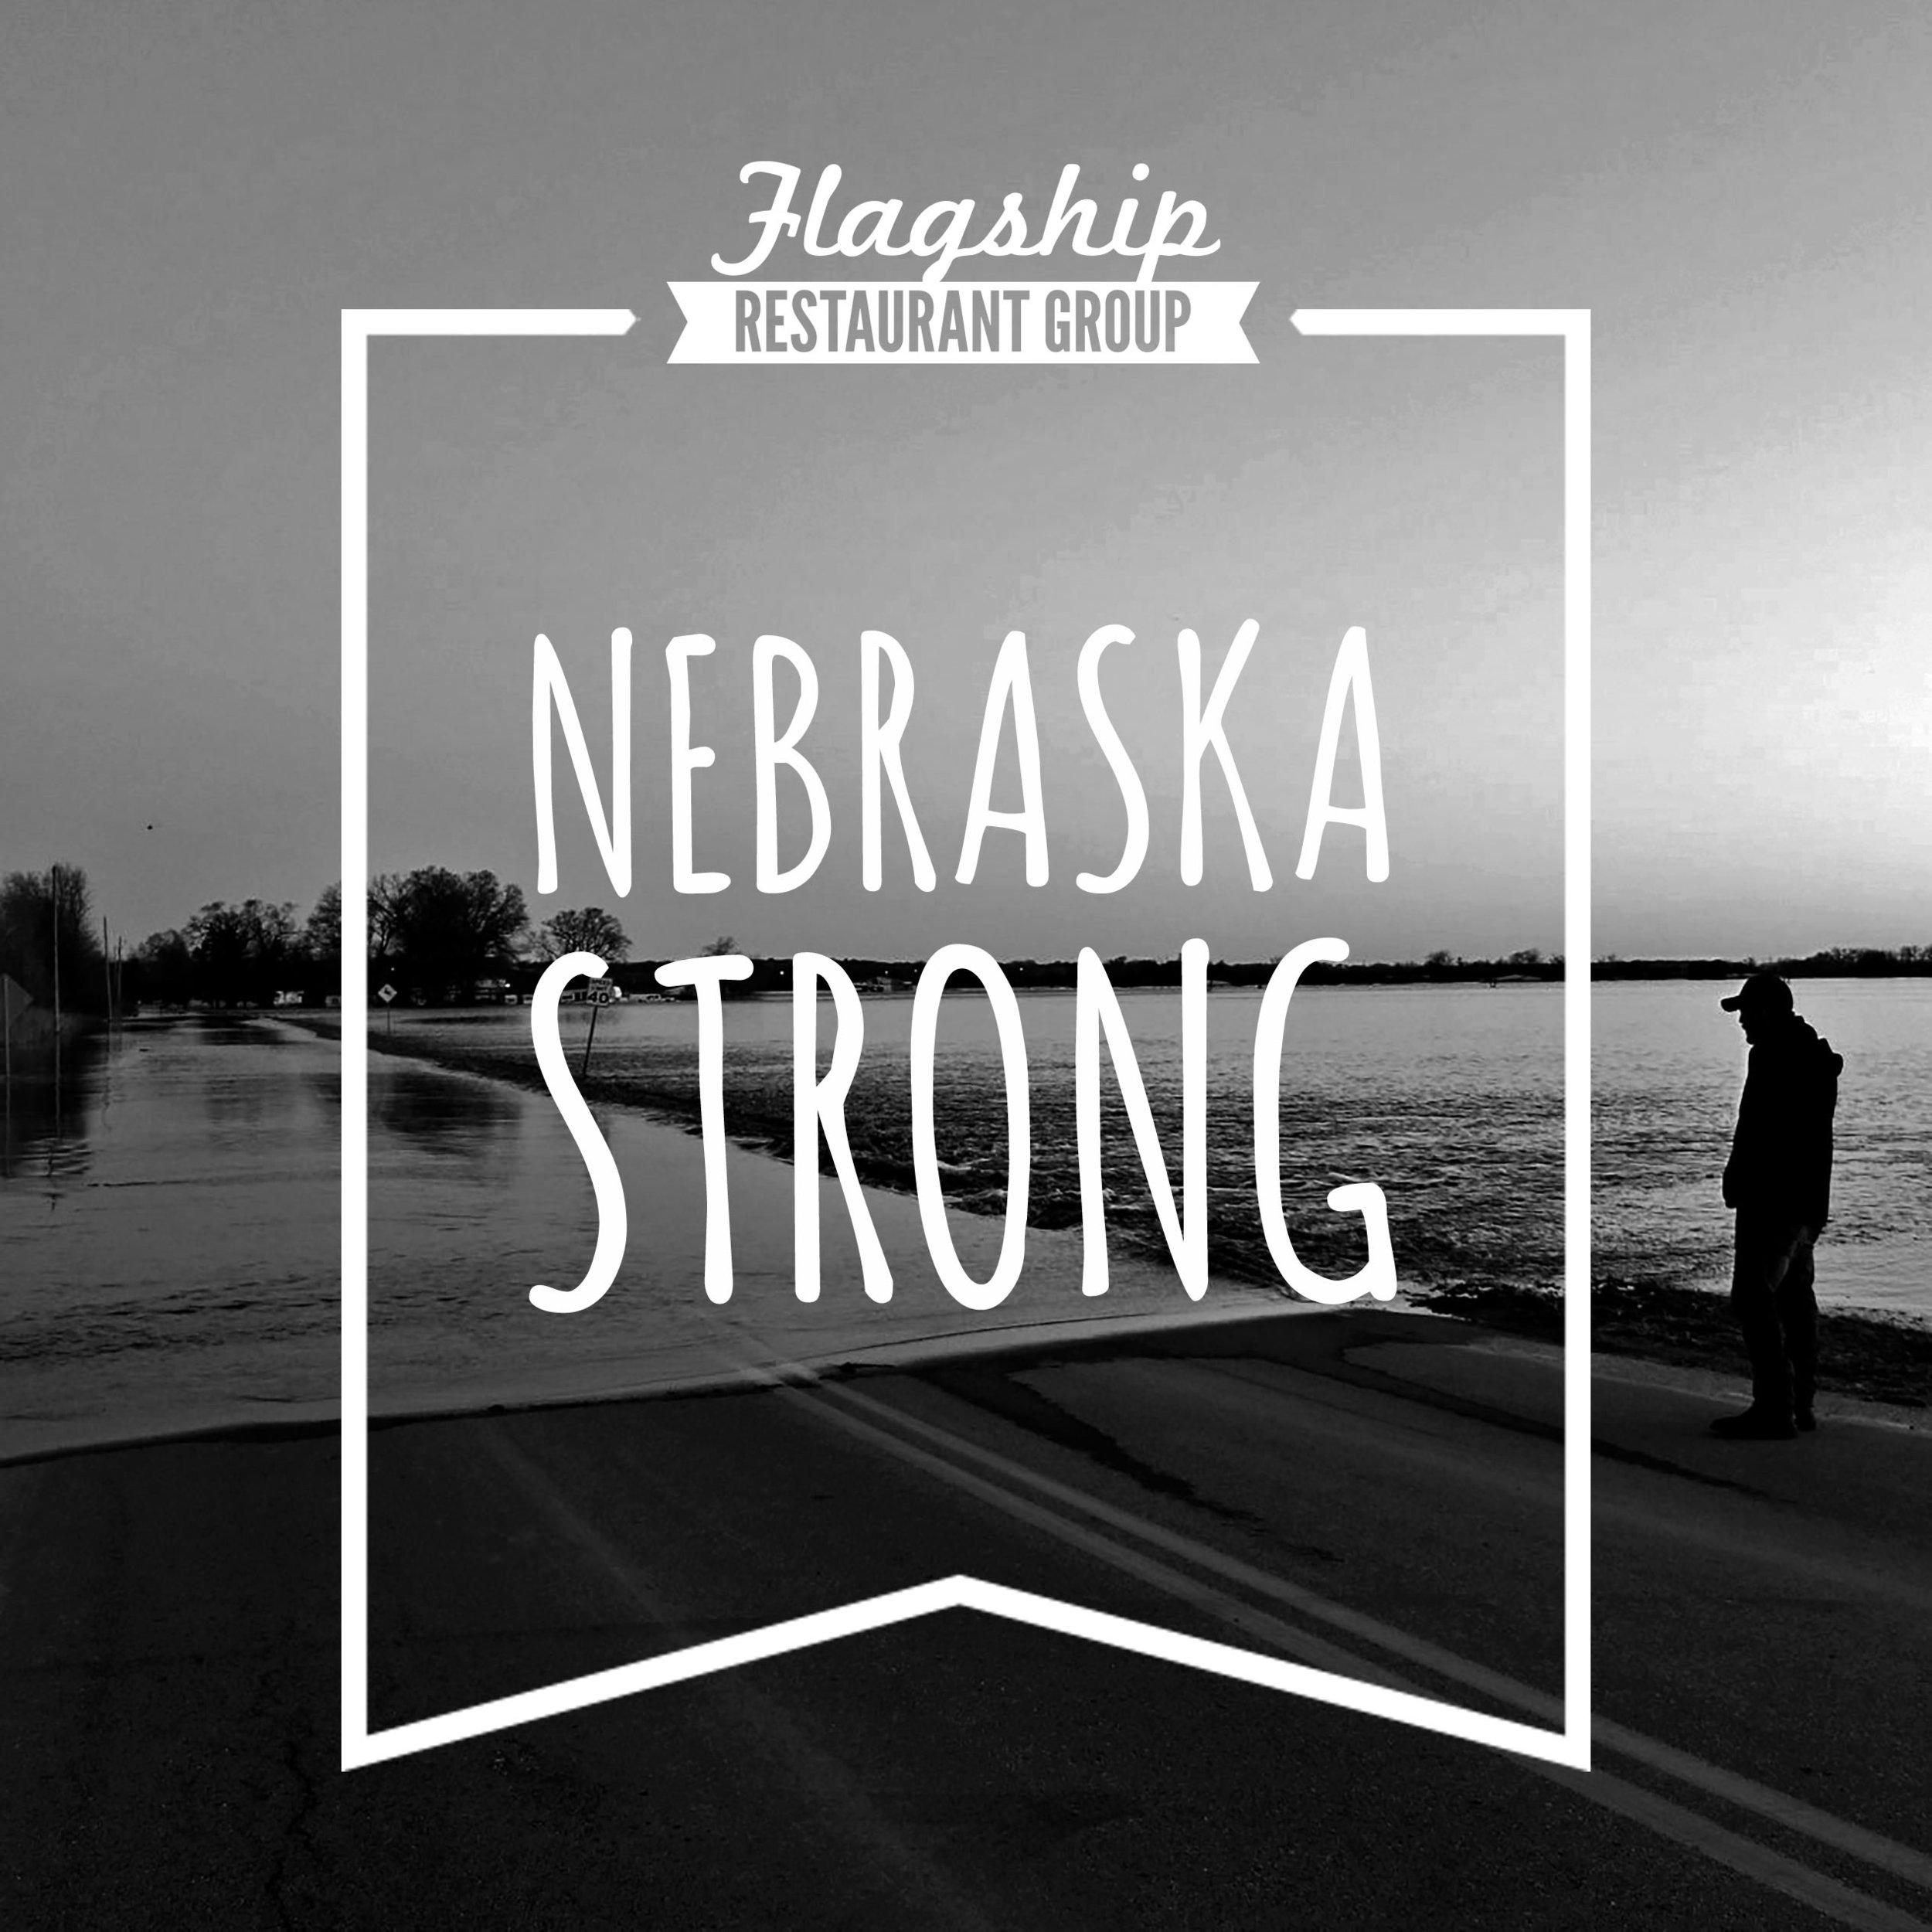 NebraskaStrong_Only.jpg